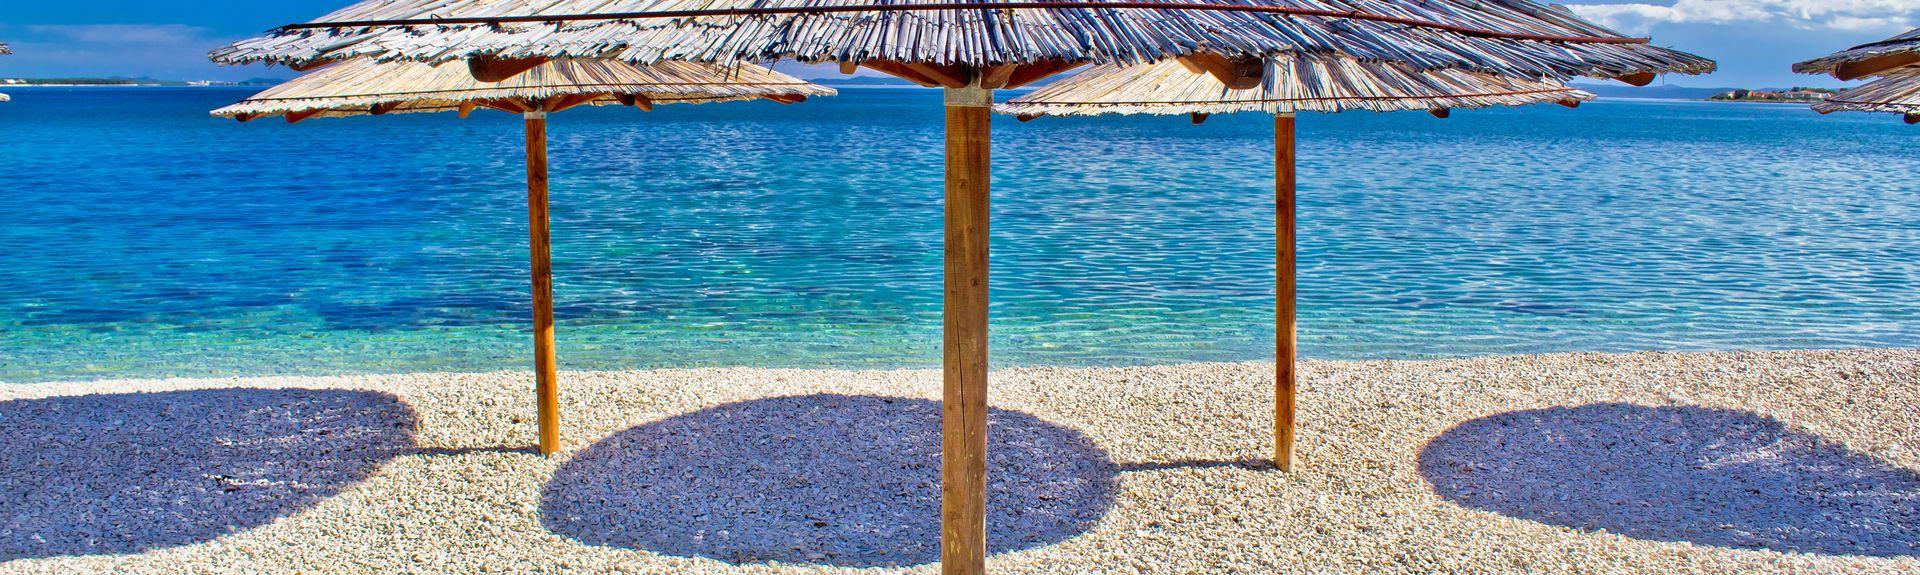 Pagin saari, Zadarin piirikunta, Kroatia